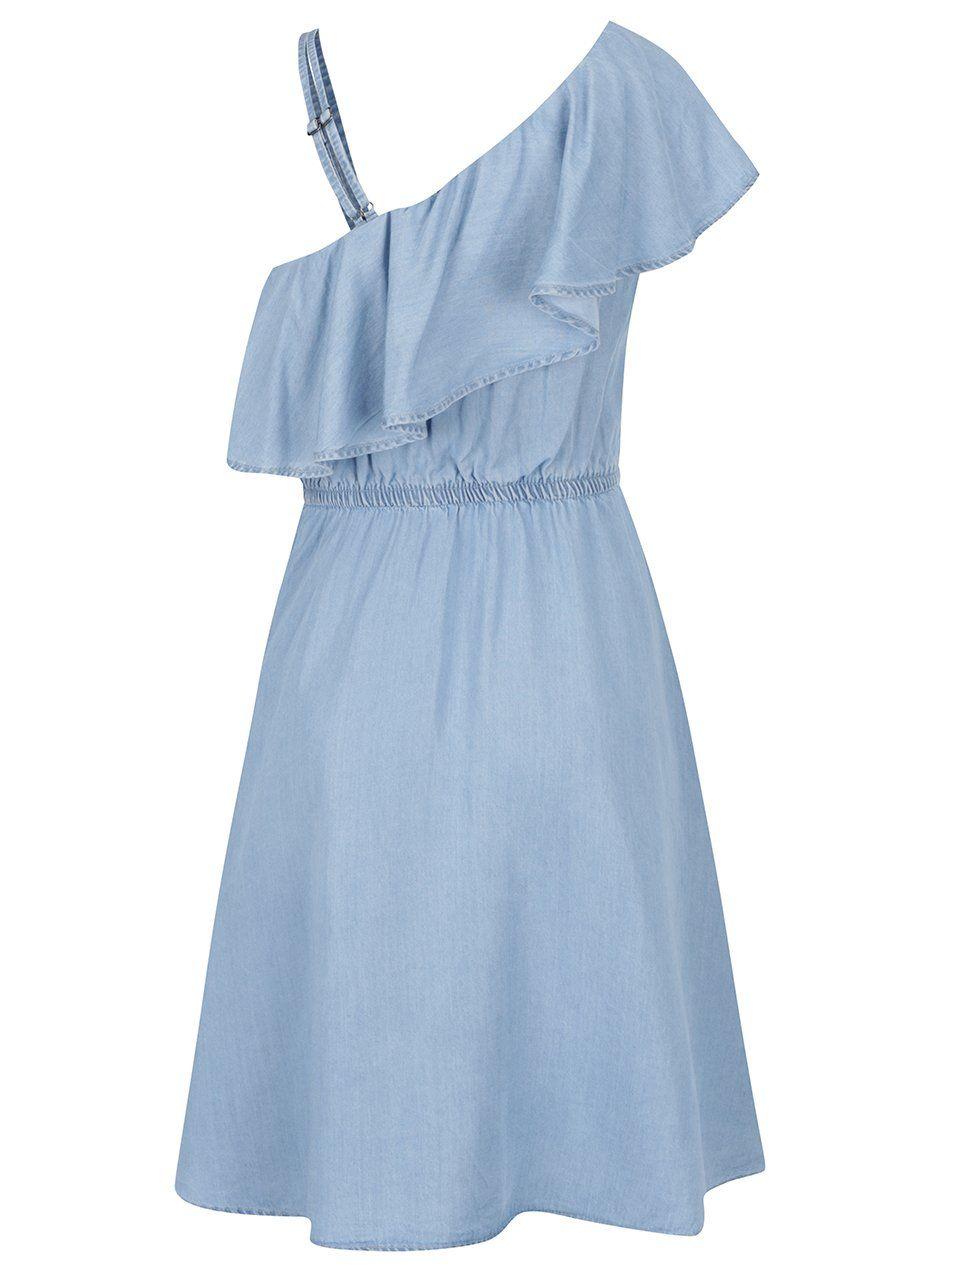 Modré džínové šaty s volánem a odhaleným ramenem Noisy May Nesli ... 621990d0c0f